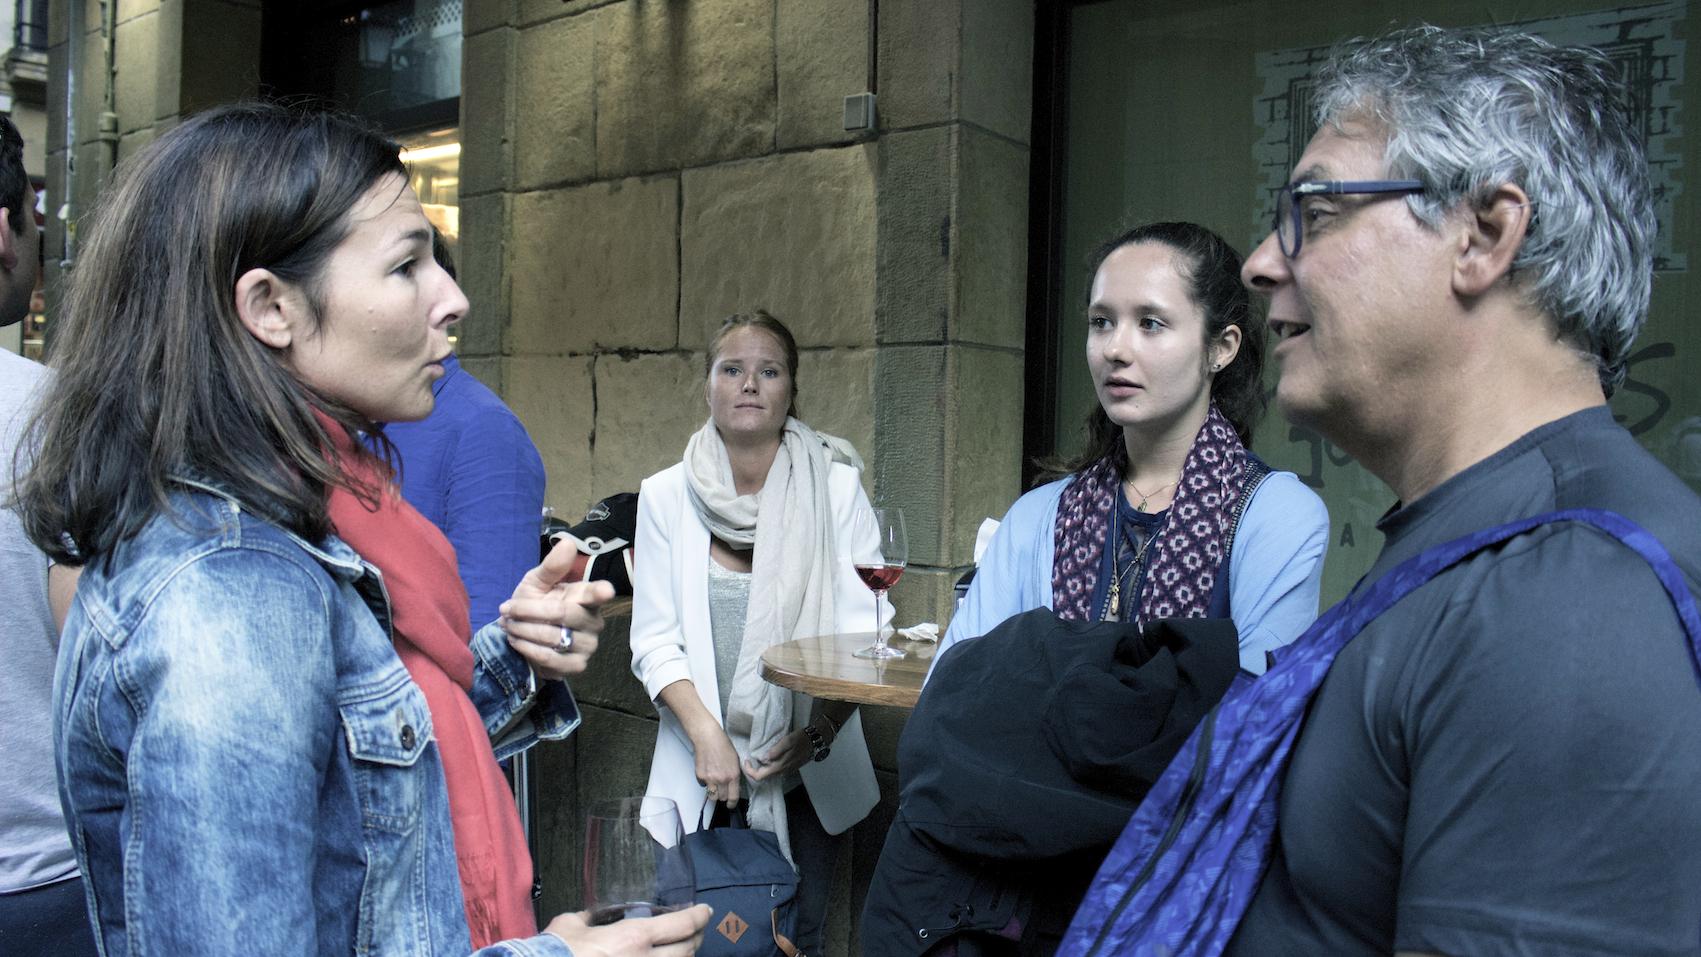 Semana-Grande-Feux-artifices-San-Sebastian-Le-cercle-evenements-agence-voyage-pays-basque-26